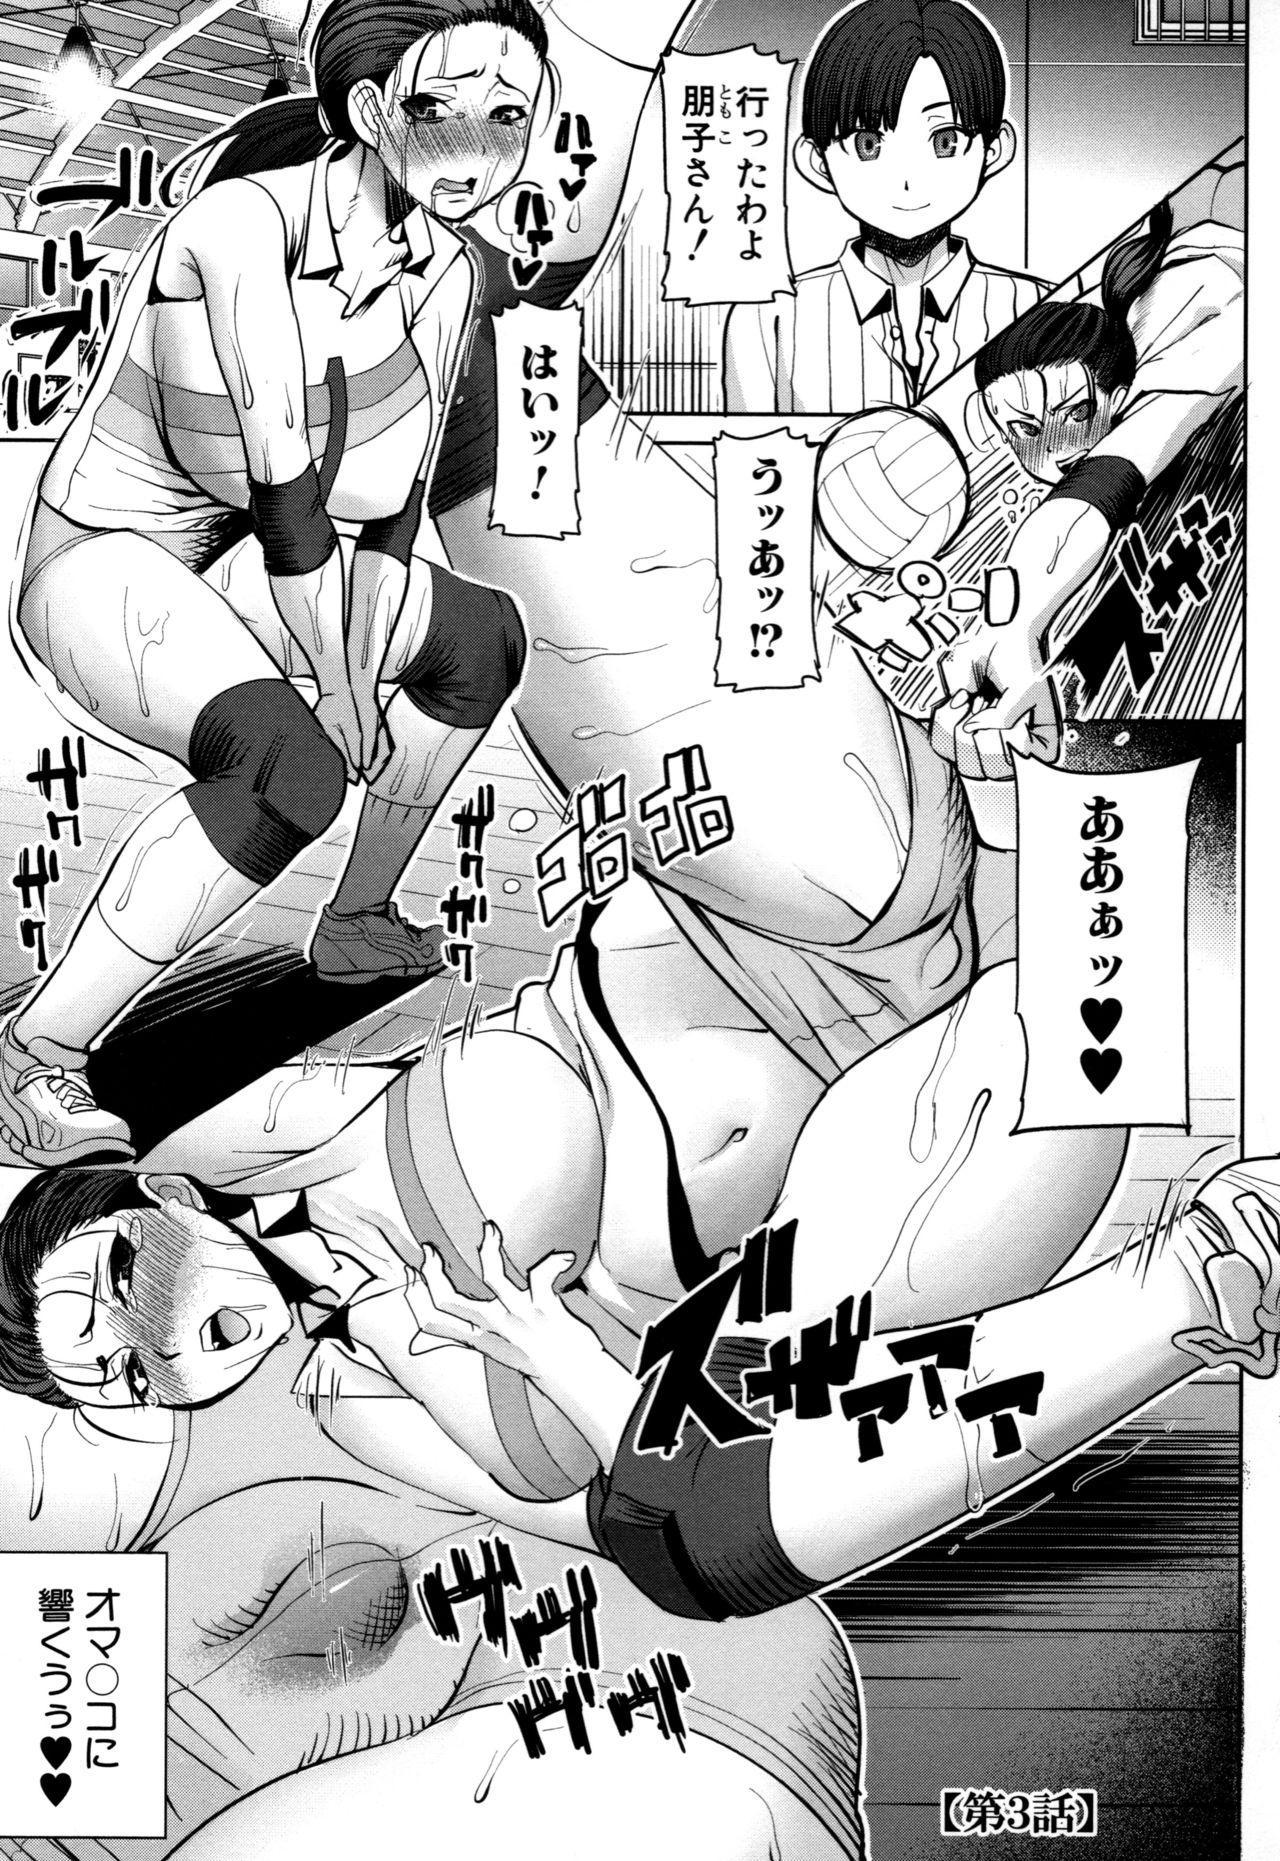 Unsweet - Asahina Ikka Netorareta Haha · Tomoko 52